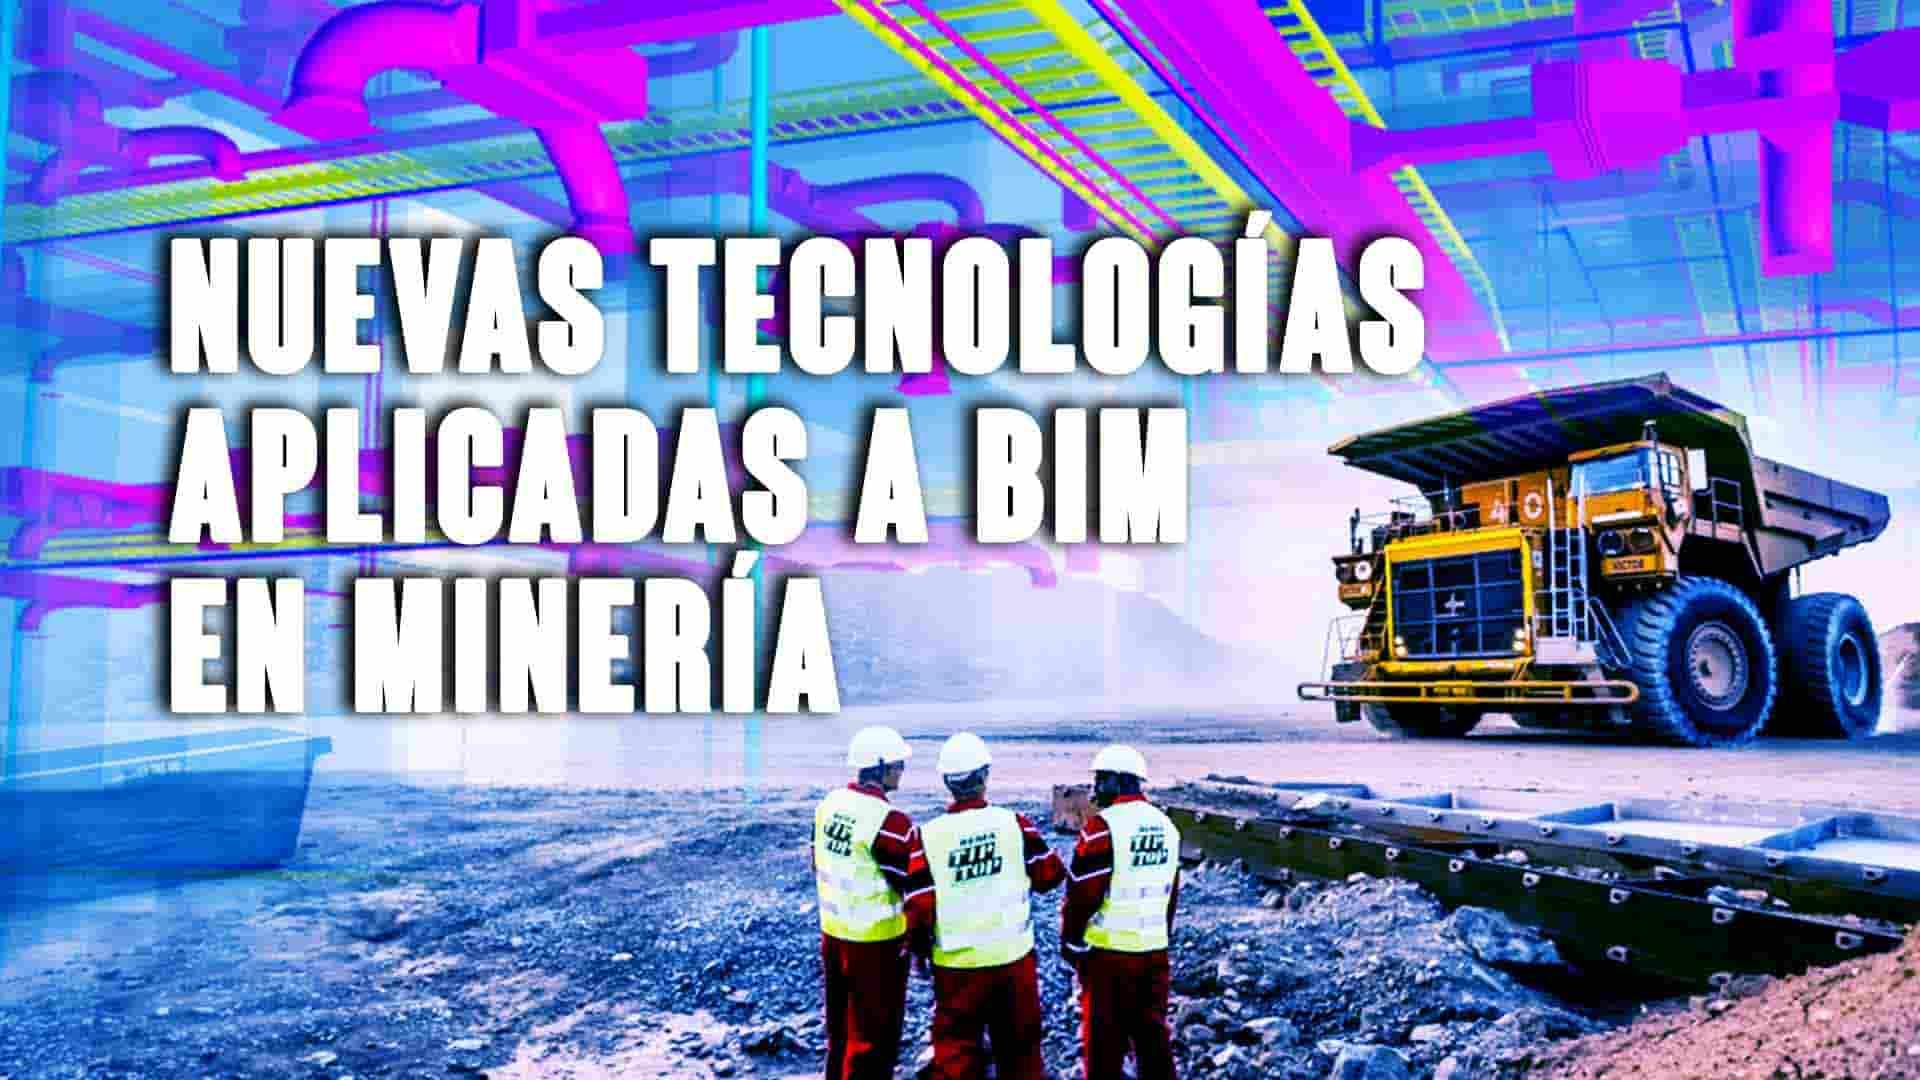 Nuevas tecnologías aplicadas a BIM en Minería